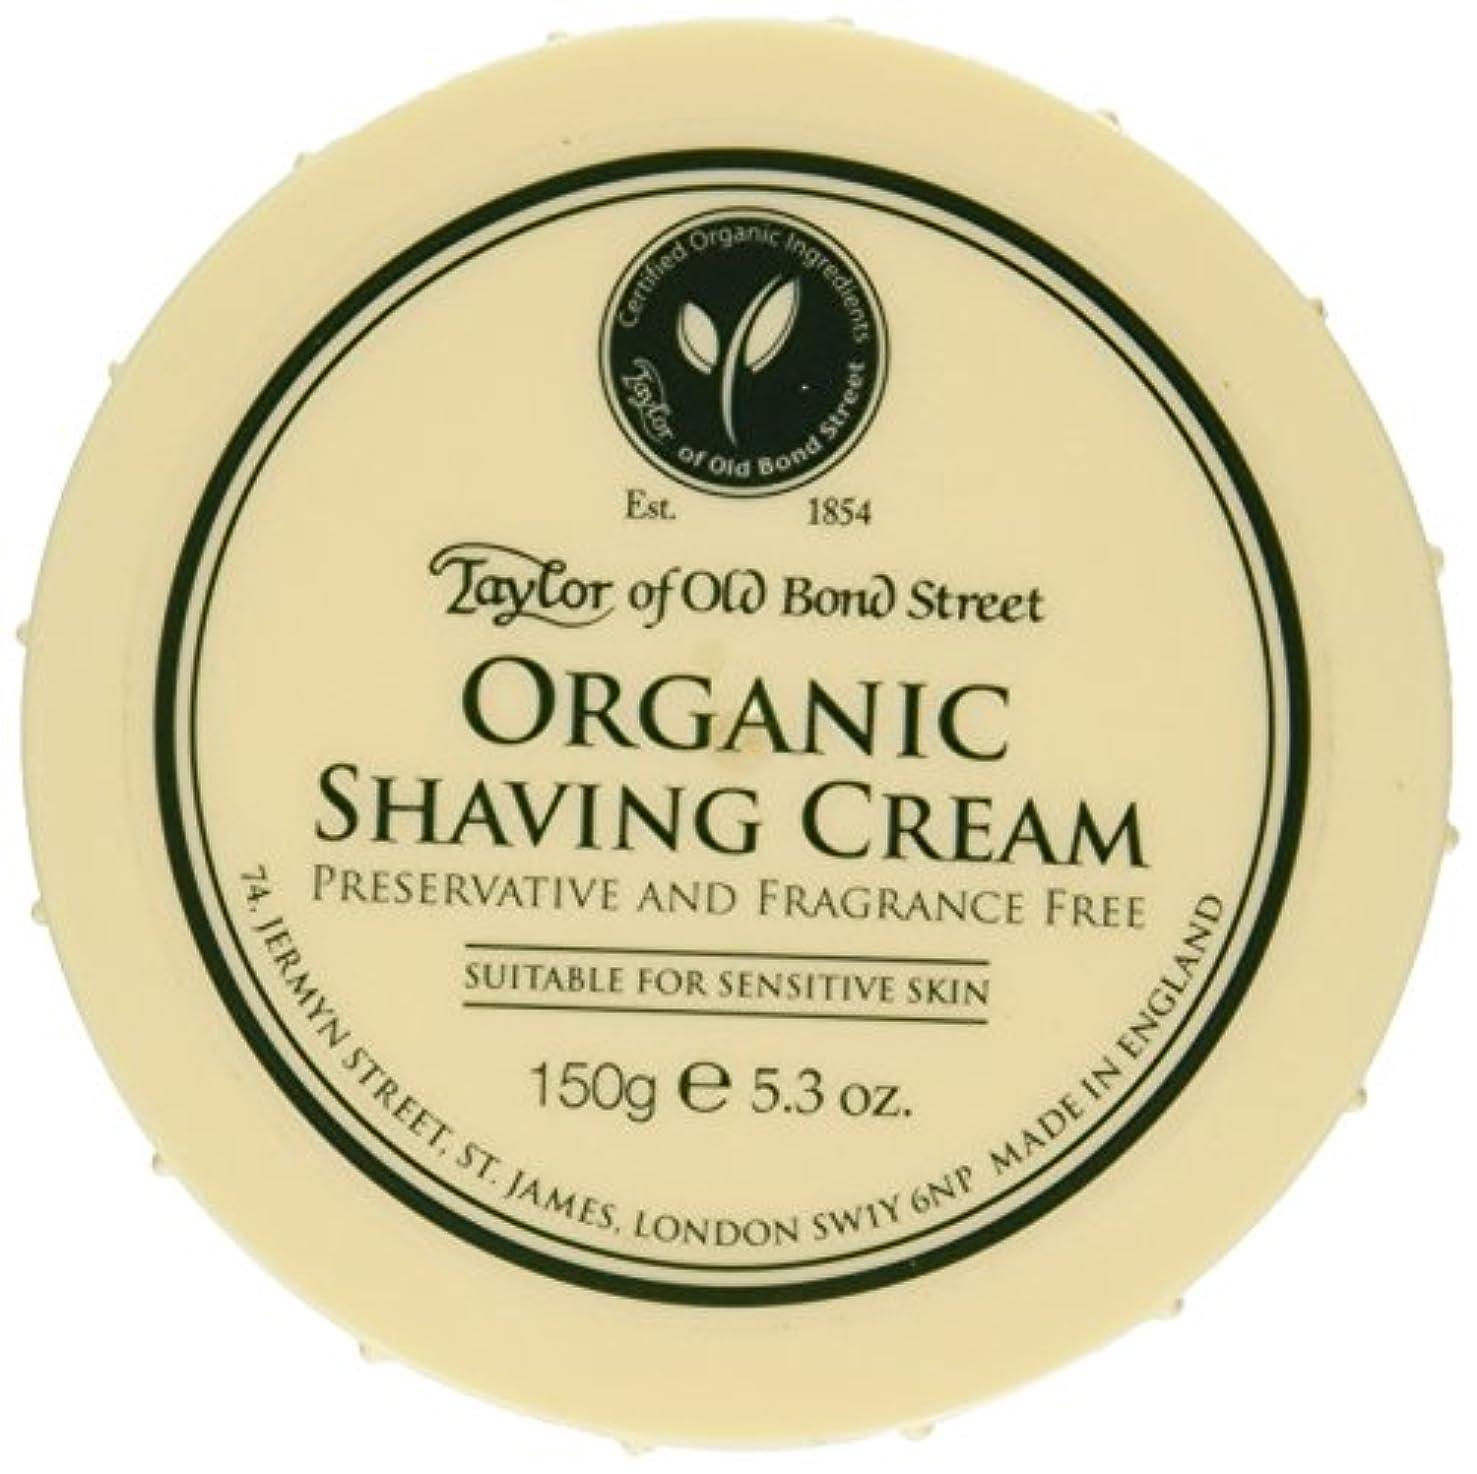 胆嚢連想セットアップTaylor of Old Bond Street Organic Shaving Cream w/ Aloe & Jojoba *New* 5.3 oz. by Taylor of Old Bond Street